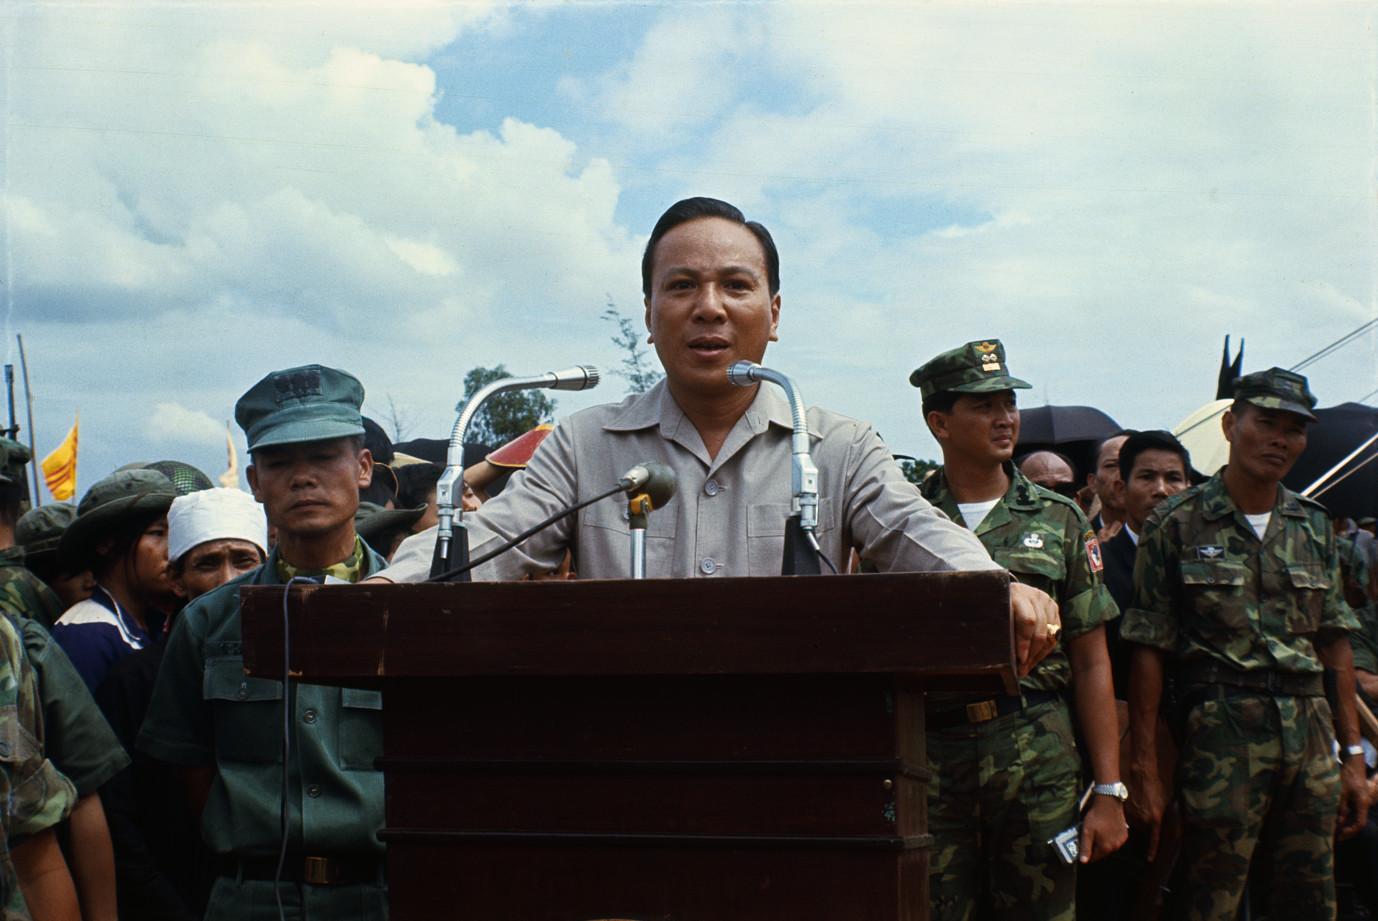 Tổng thống Nguyễn Văn Thiệu và nỗi sợ ám sát, đảo chính